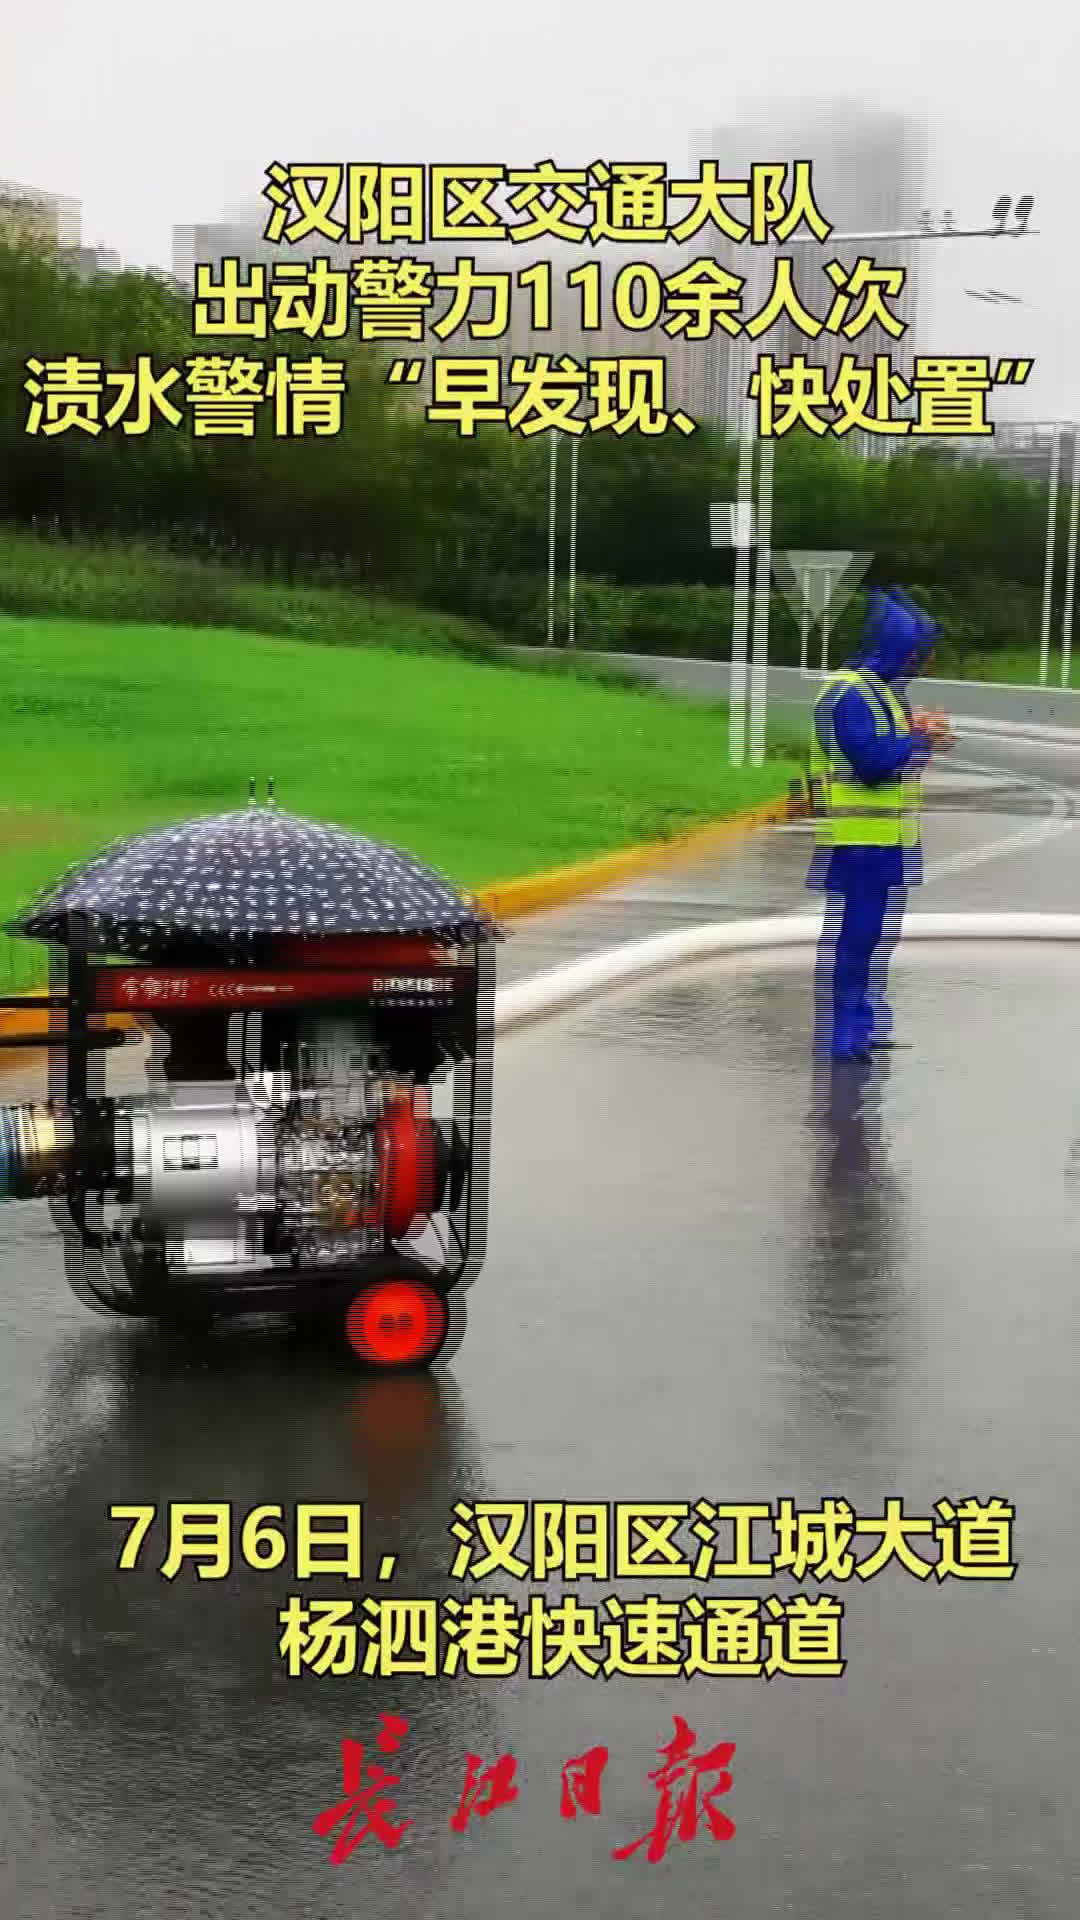 早发现、快处置,汉阳交通大队出动警力对渍水路面实施临时管制